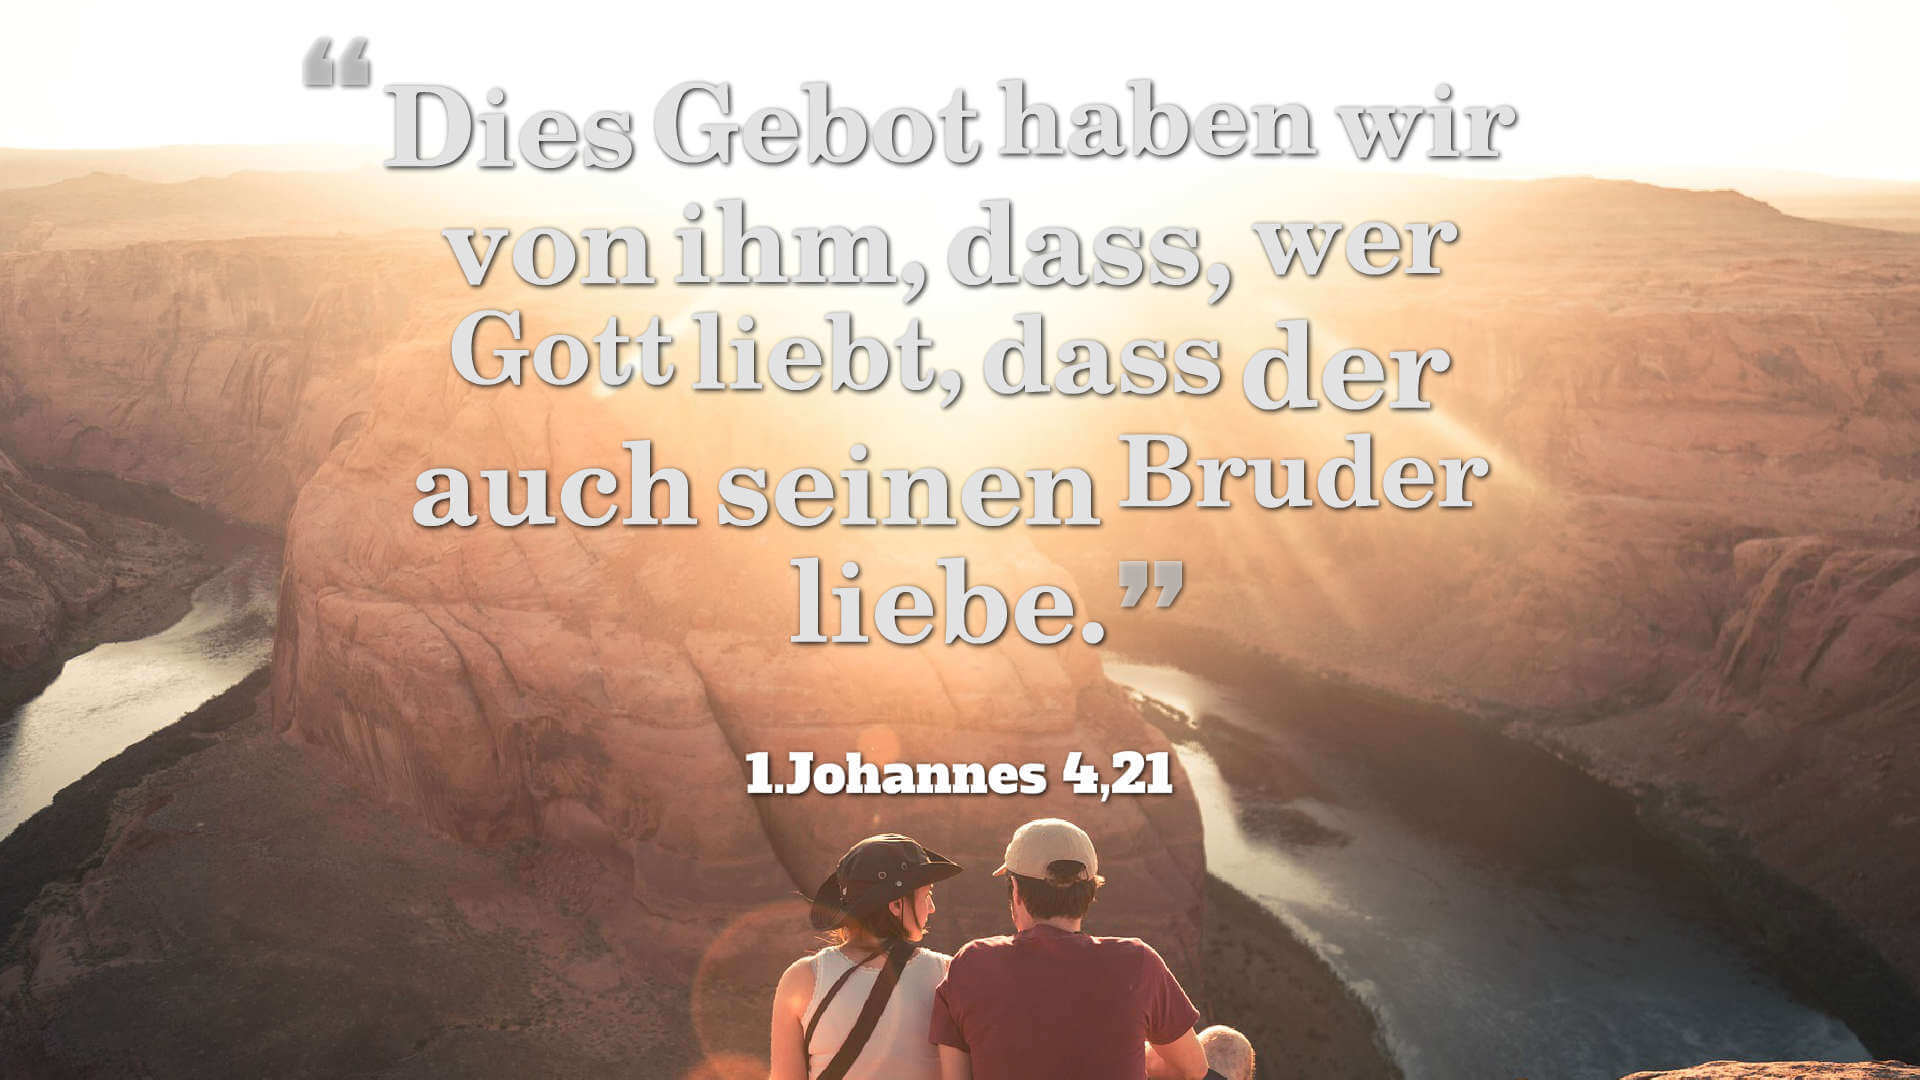 Dies Gebot haben wir von ihm, dass, wer Gott liebt, dass der auch seinen Bruder liebe. - 1.Johannes 4,21